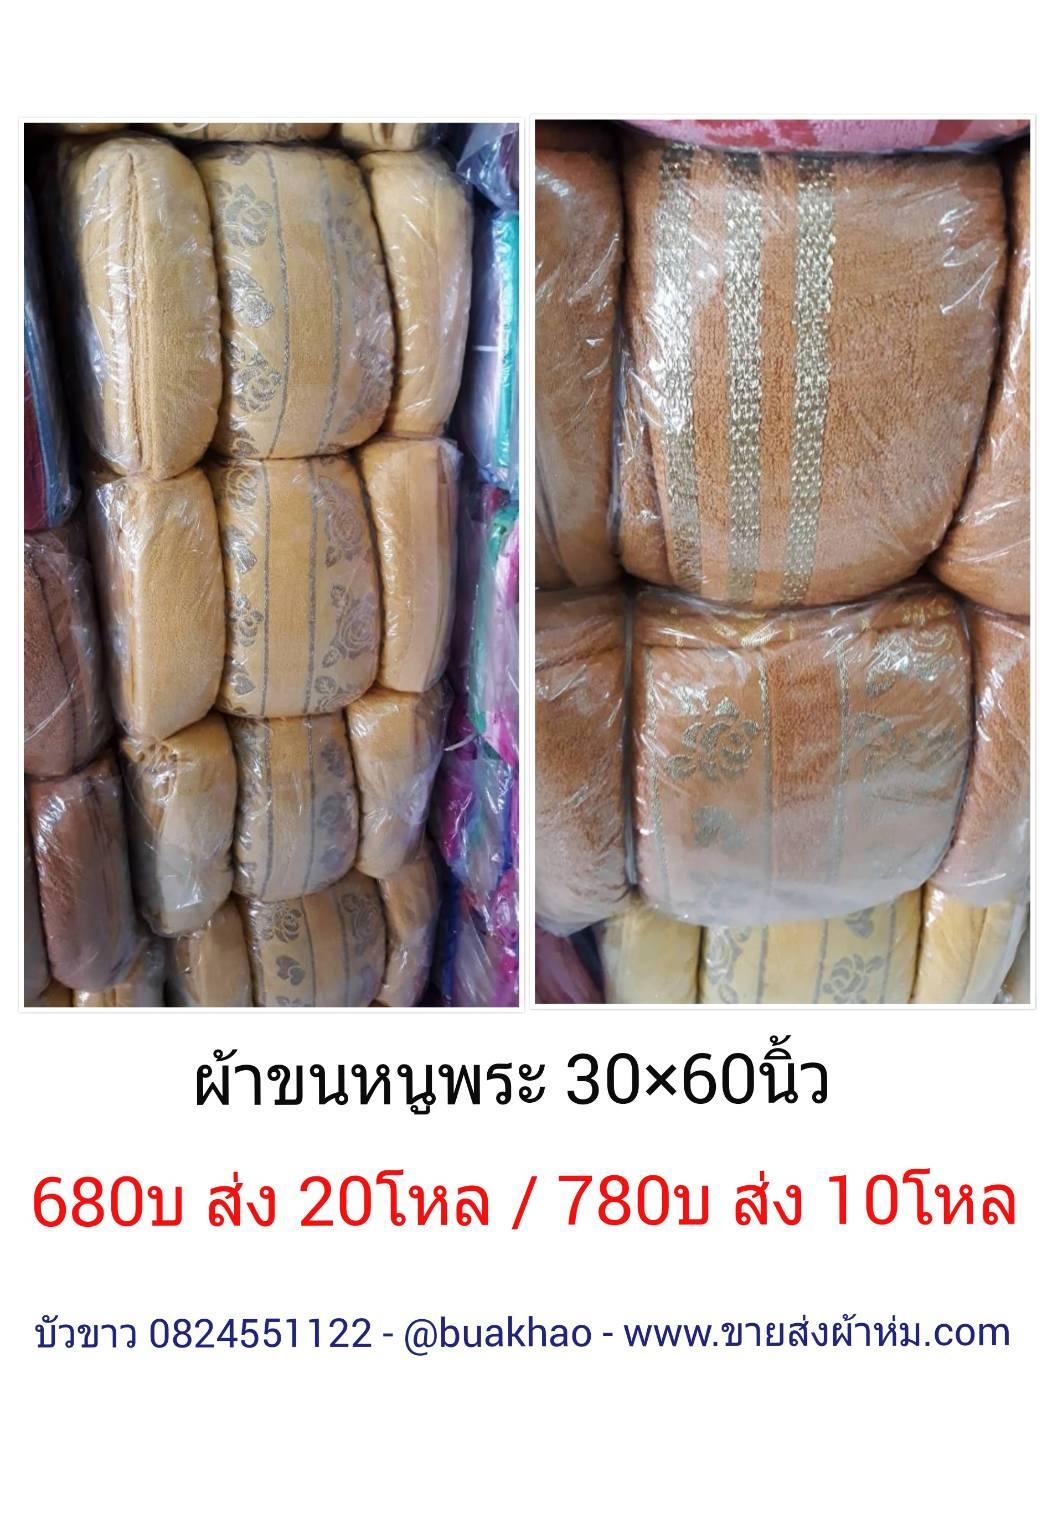 ผ้าขนหนู พระ 30*60นิ้ว โหลละ 780 บ ส่ง 10โหล